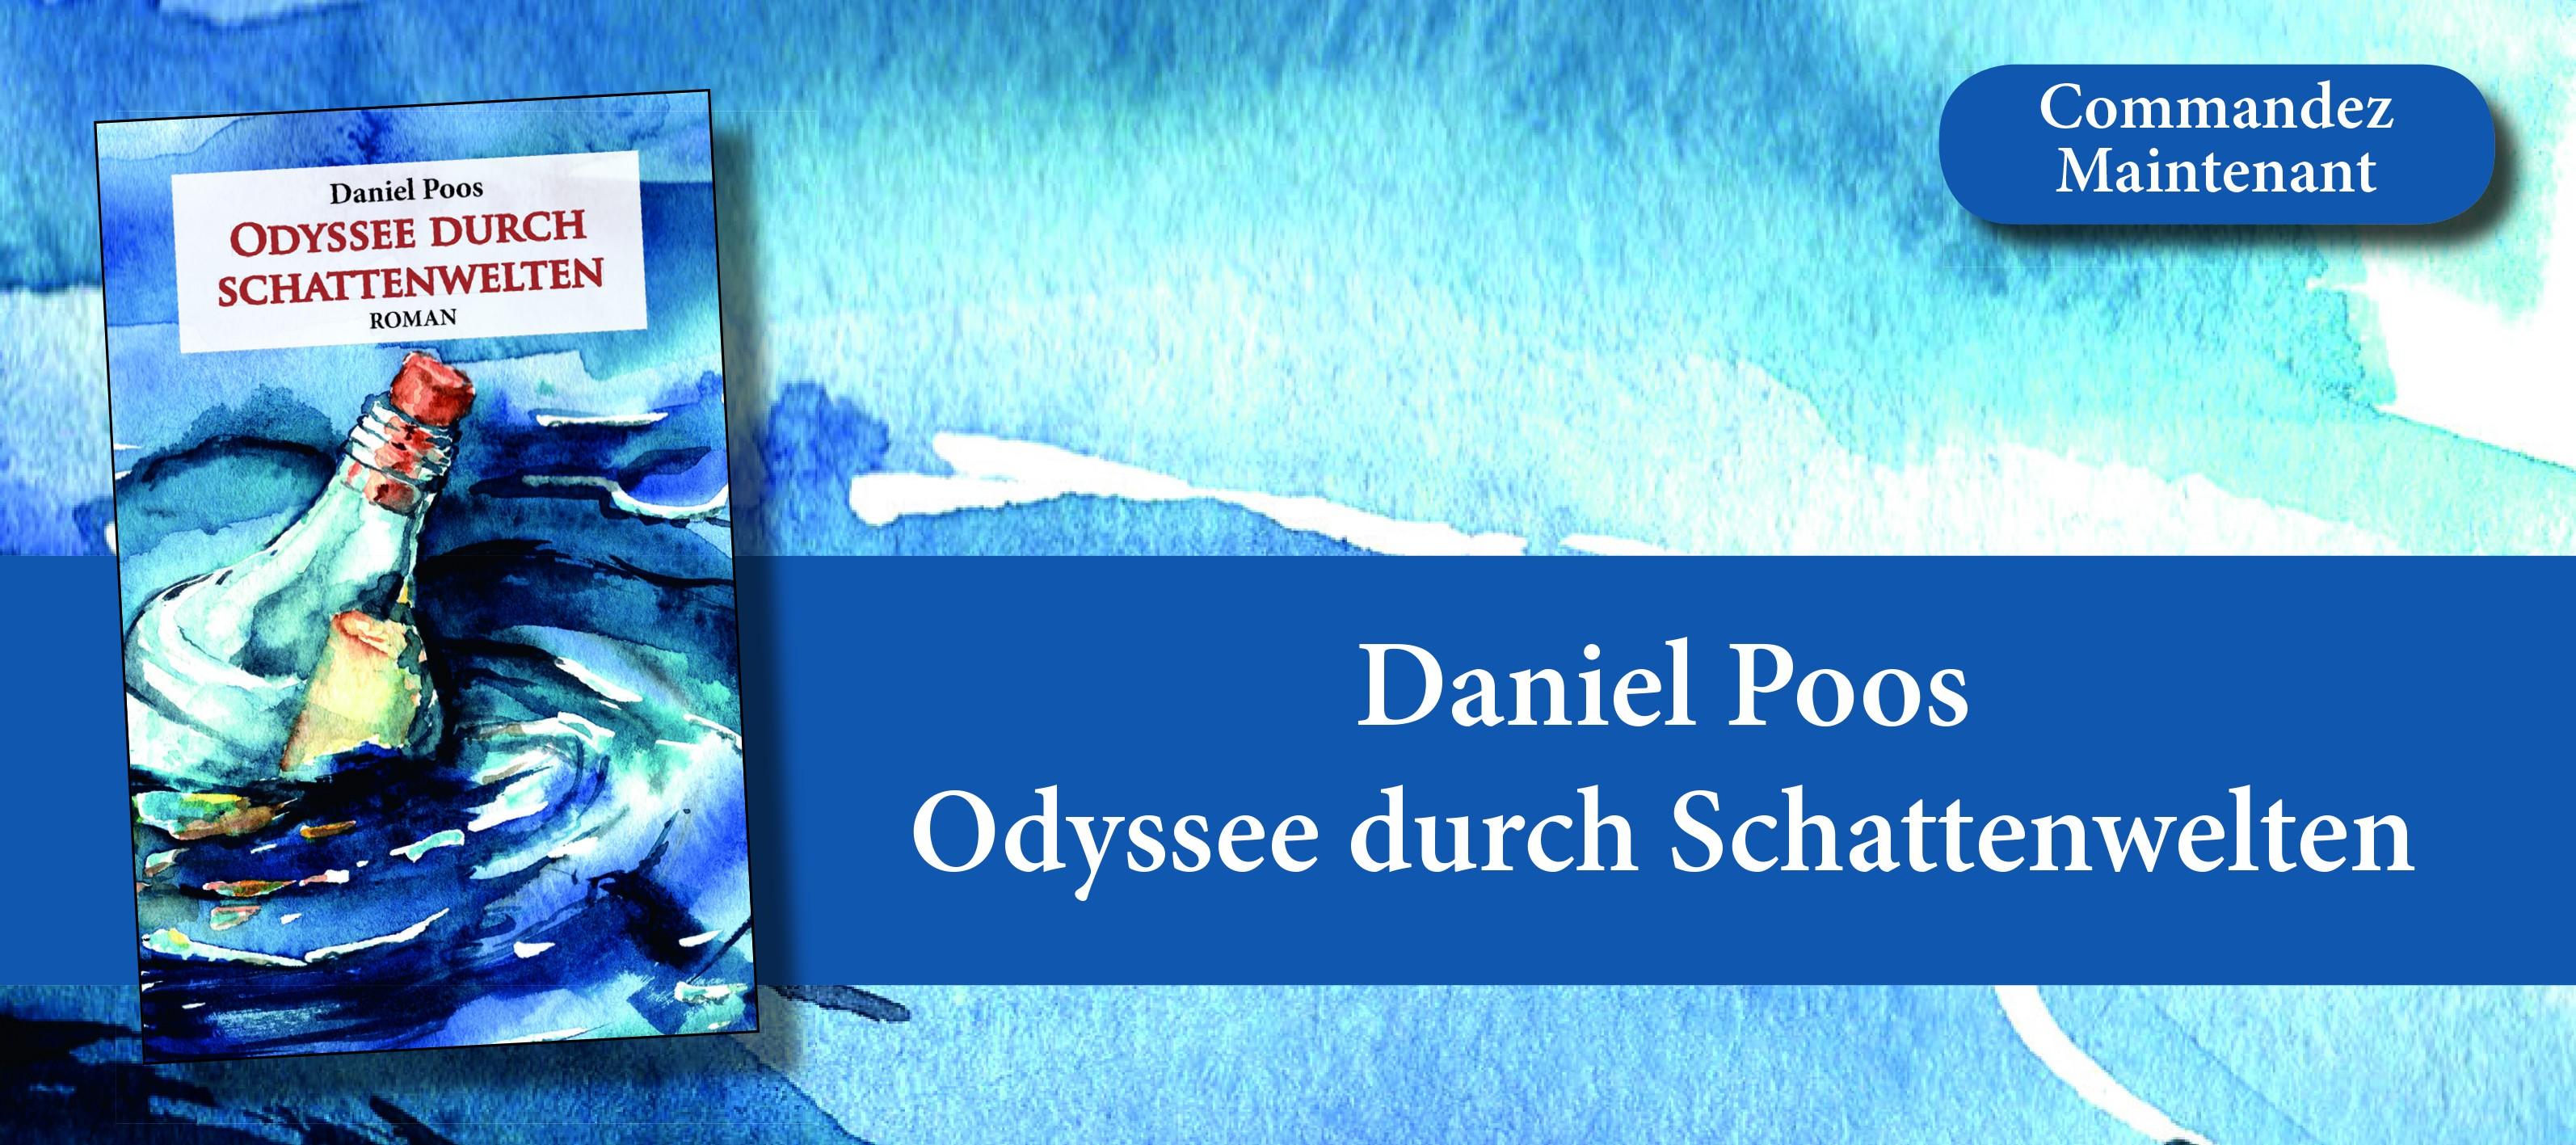 Daniel Poos - Odyssee durch Schattenwelten